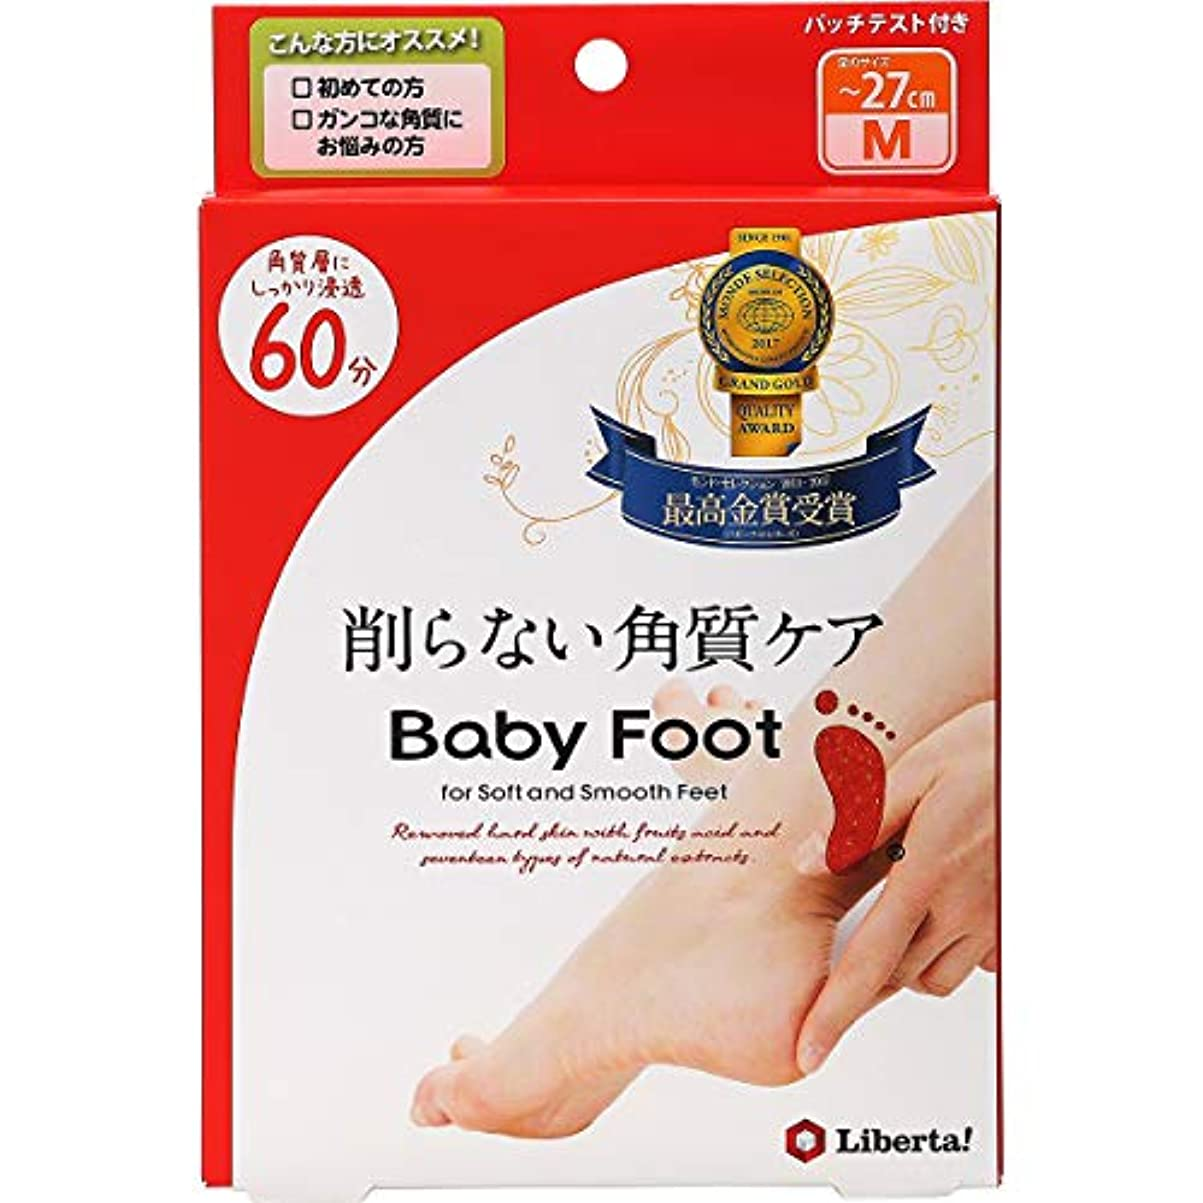 局誓約兵士ベビーフット (Baby Foot) ベビーフット イージーパック SPT60分タイプ Mサイズ 単品